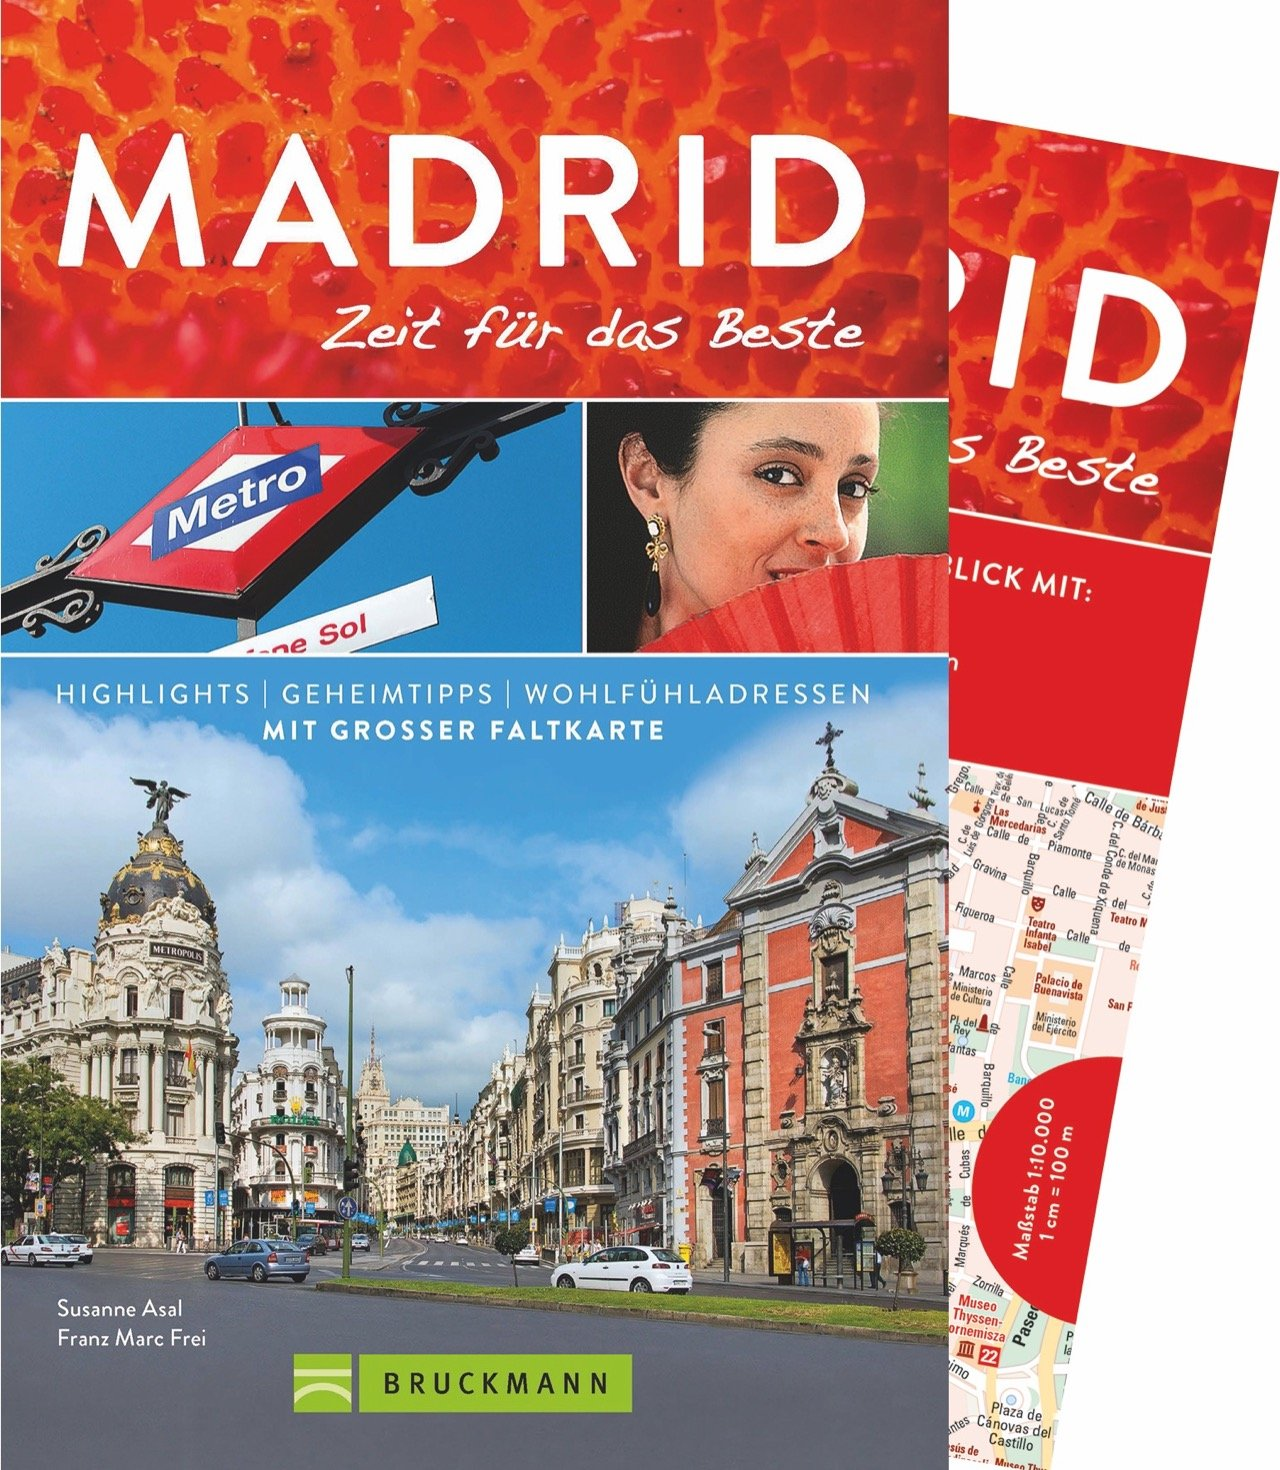 Bruckmann Reiseführer Madrid: Zeit für das Beste. Highlights, Geheimtipps, Wohlfühladressen. Inklusive Faltkarte zum Herausnehmen. NEU 2018